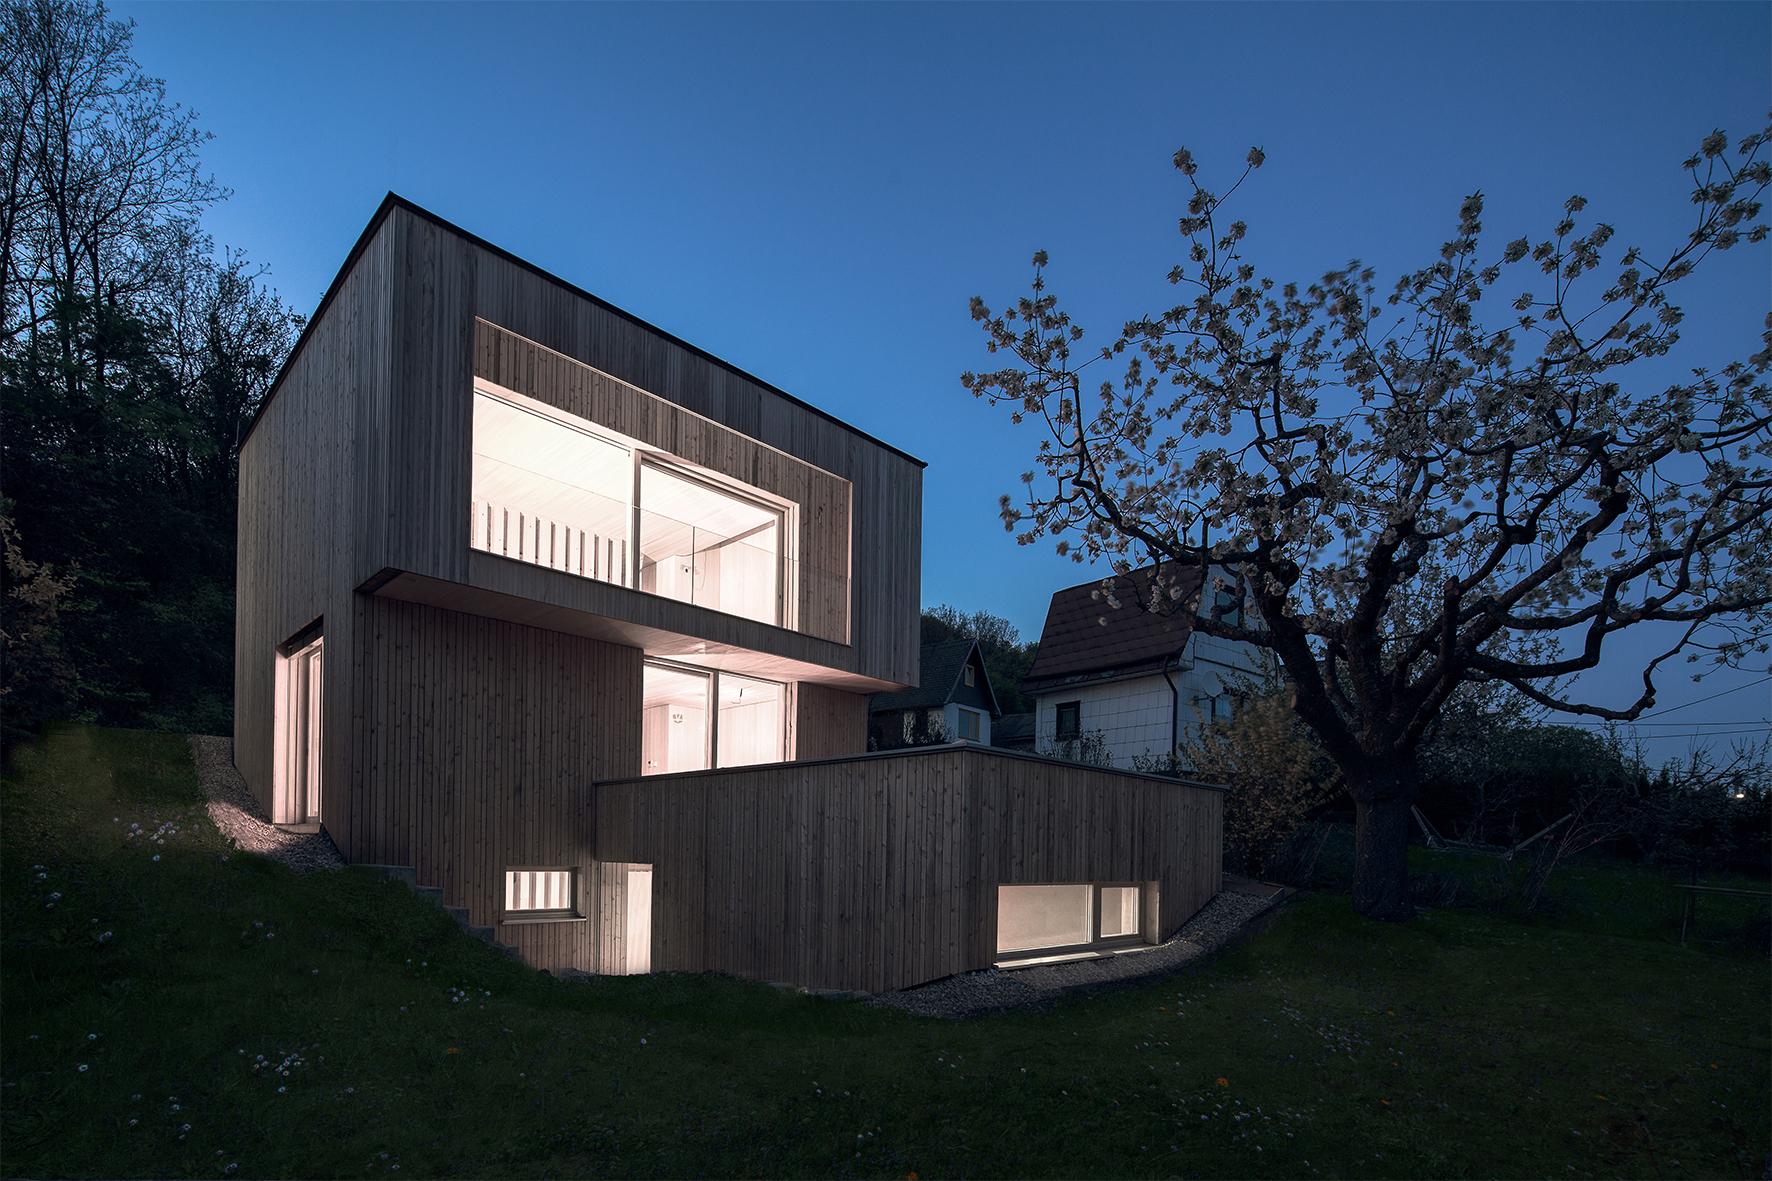 TROY Haus mit Kirschbaum 04 Nachtfoto bearbeitet